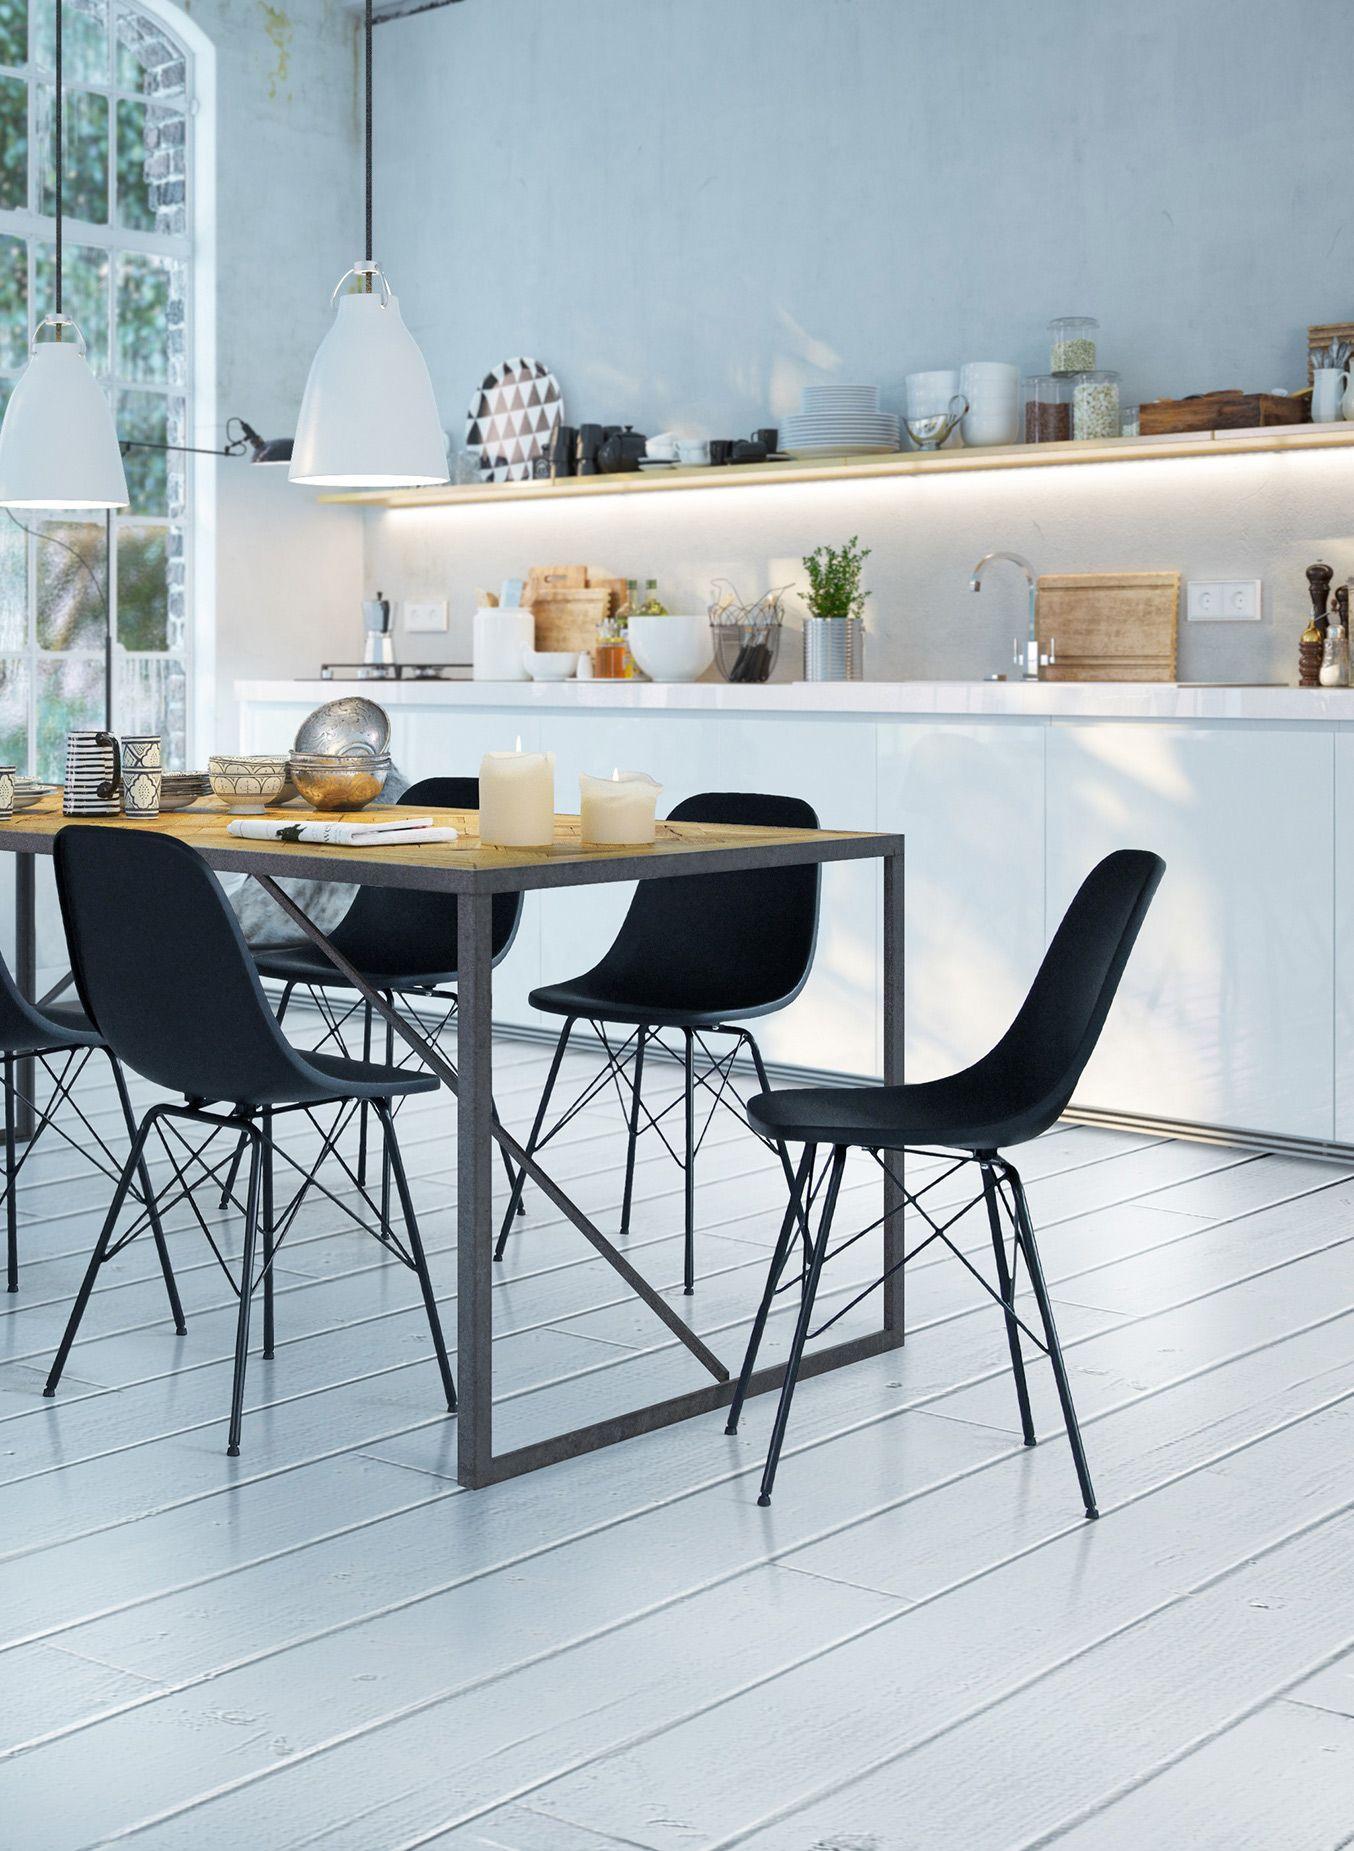 Pin von Orizonte by octopus Möbel auf Neu ab 2016   Octopus möbel, Tisch und stühle, Stühle